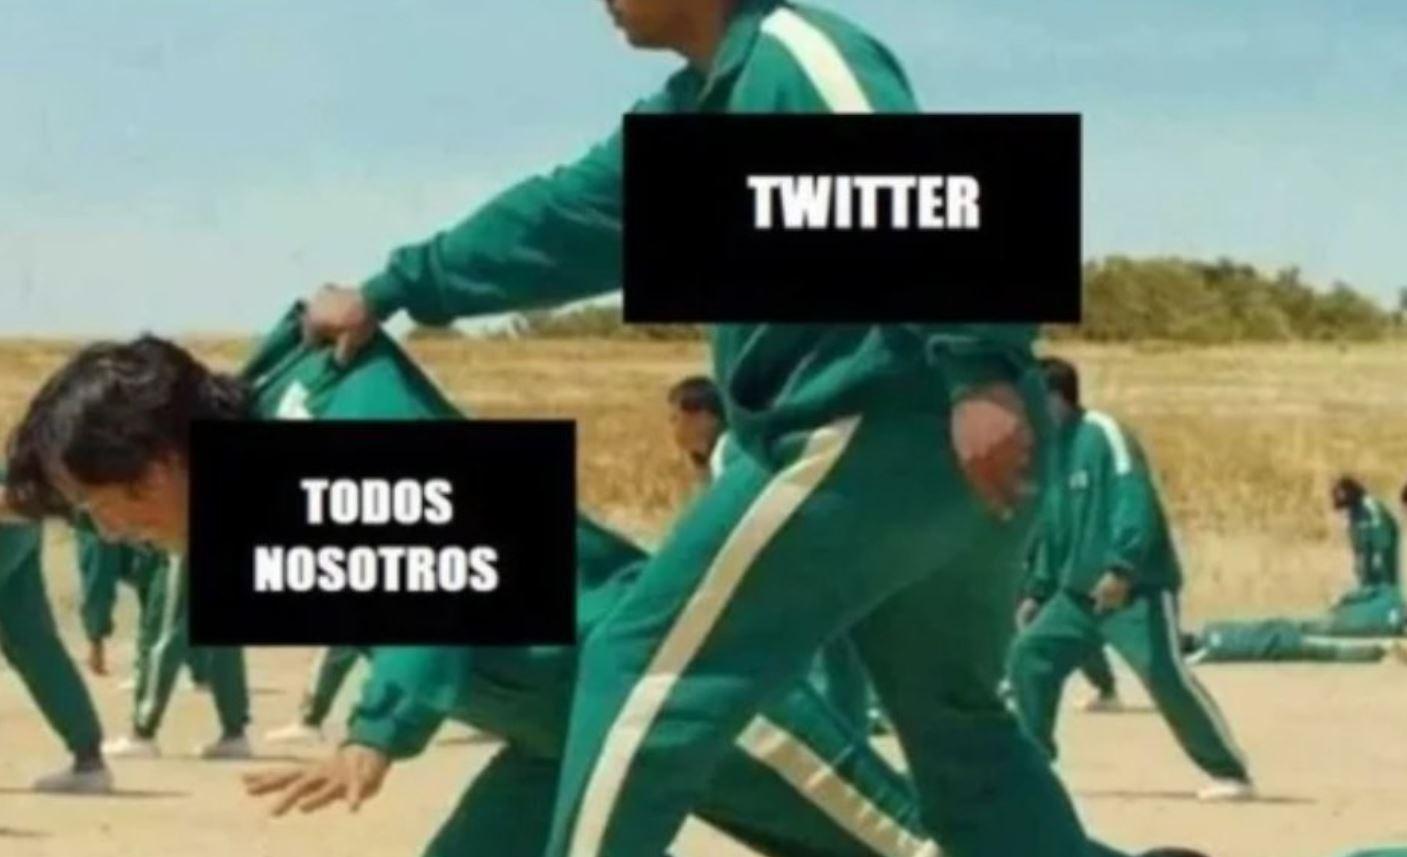 La caída de Facebook, Instagram y WhatsApp este 4 de octubre genera memes en todo el mundo - Prensa Libre